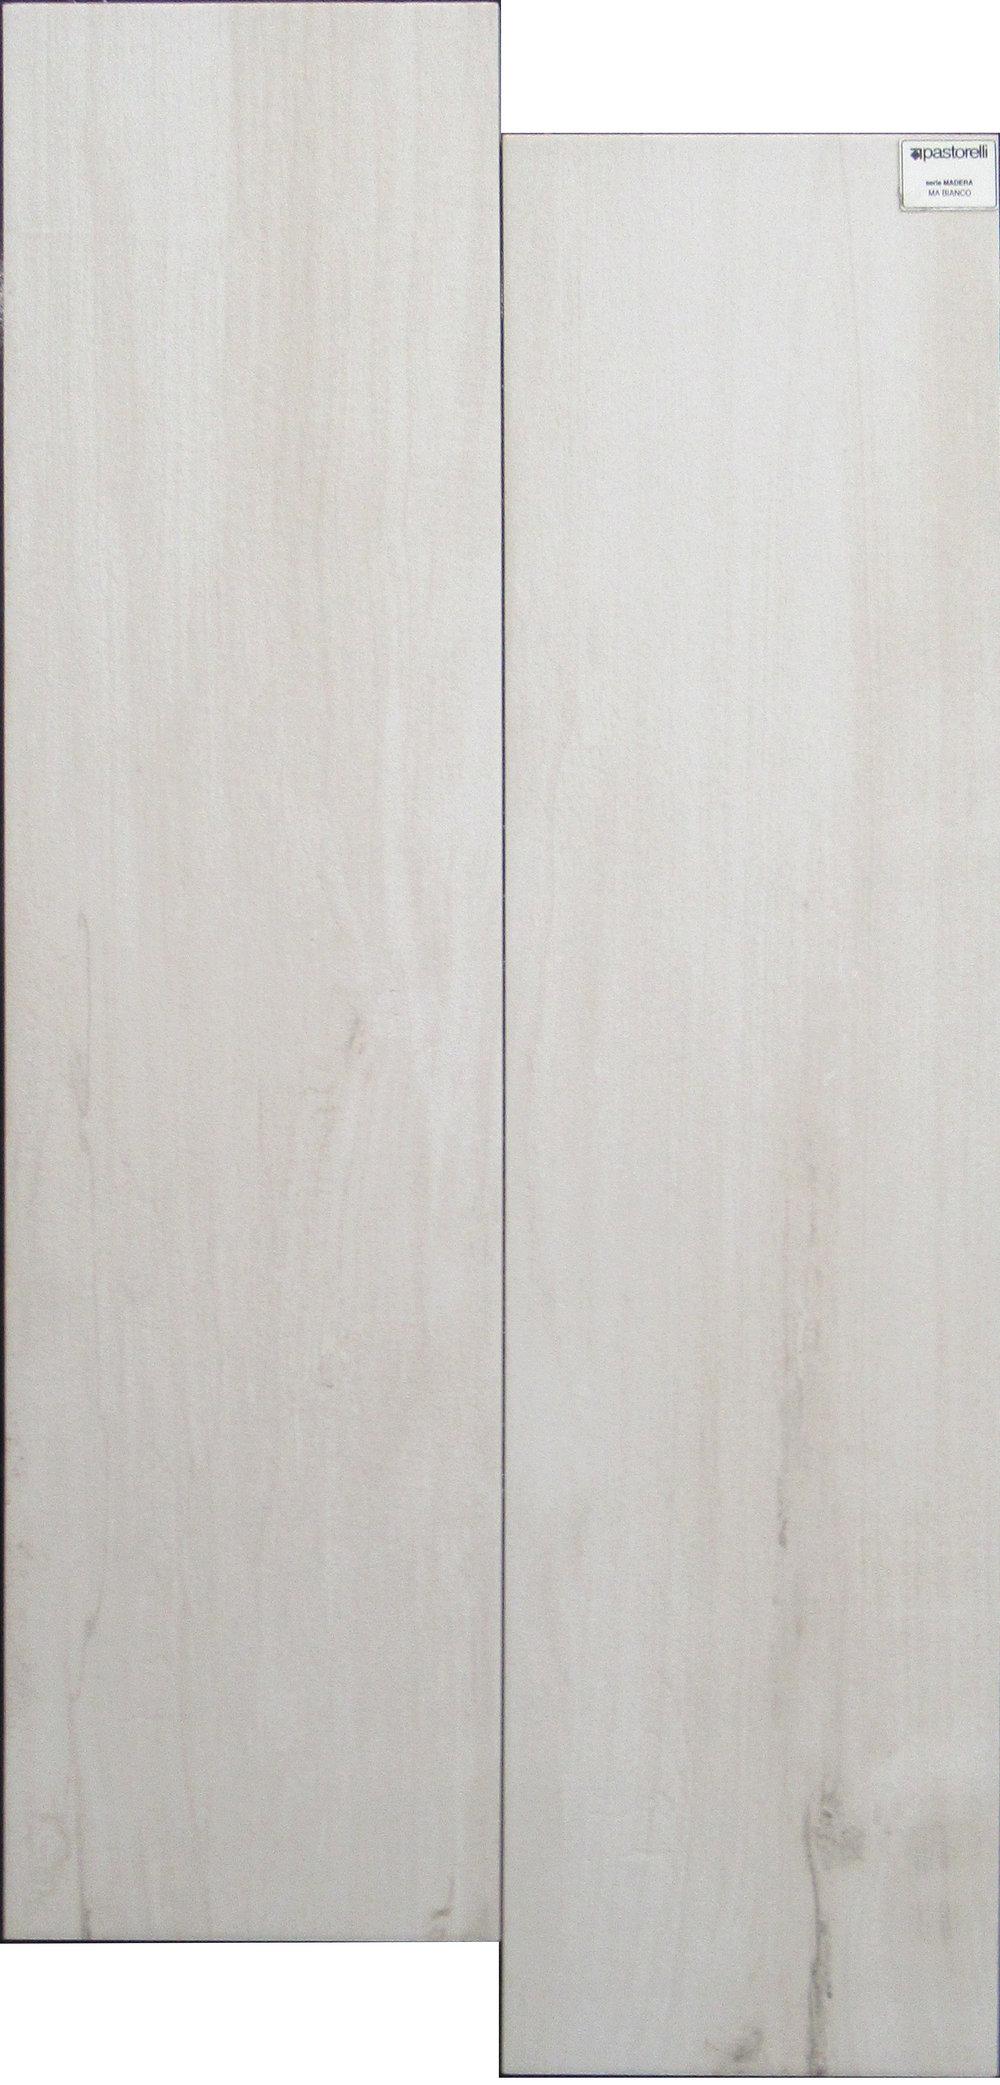 Pastorelli MA -Bianco  7 PC/CTN (12.06 SF);42 CTN/PLT